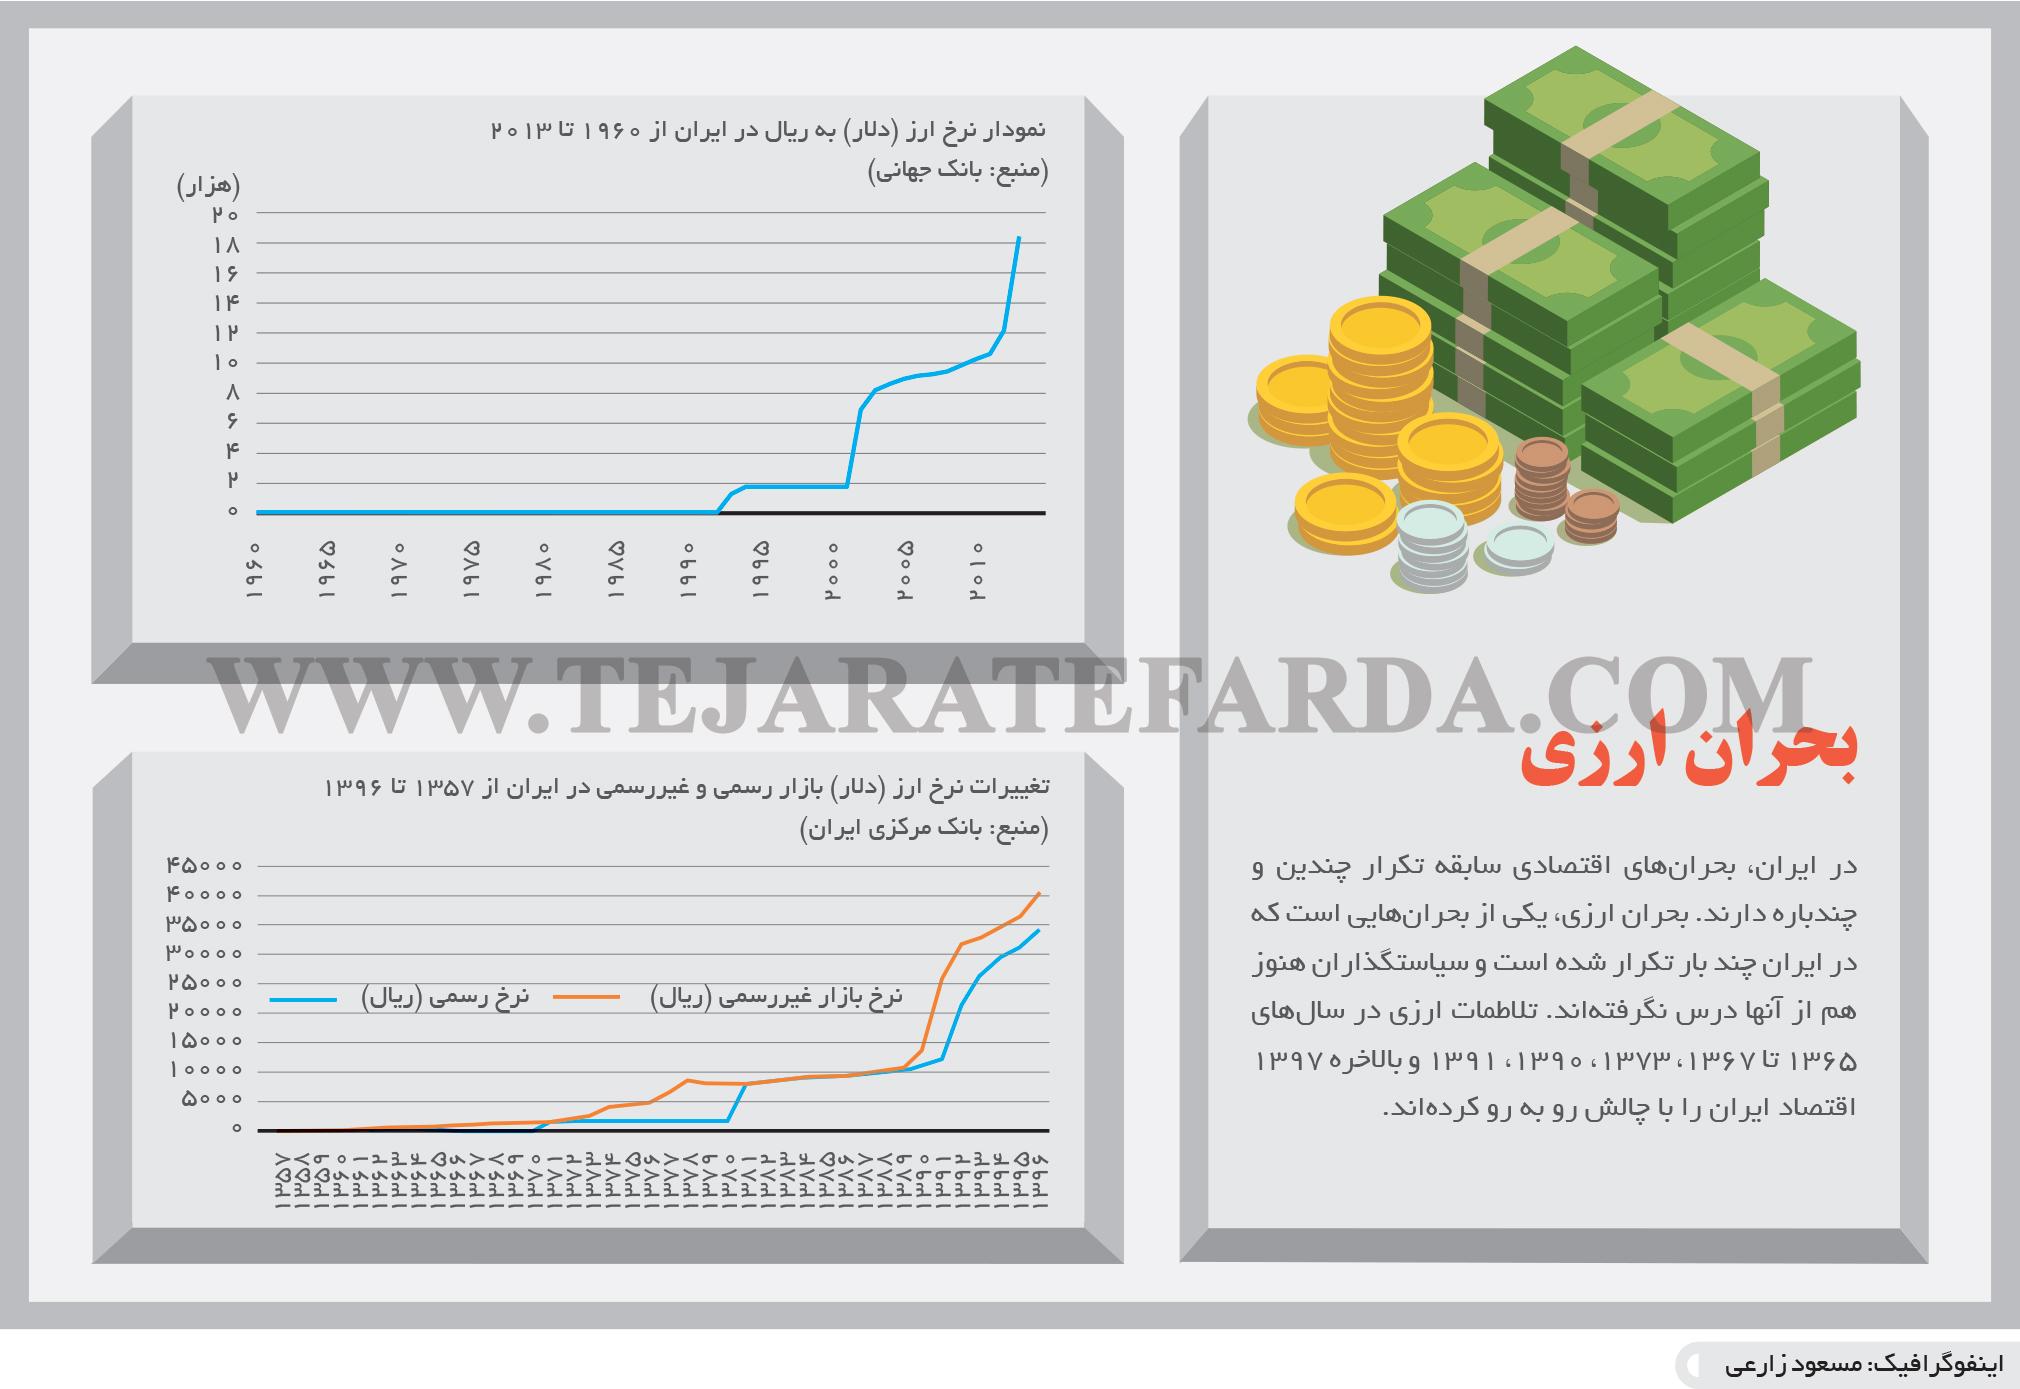 تجارت فردا- اینفوگرافیک- بحران ارزی